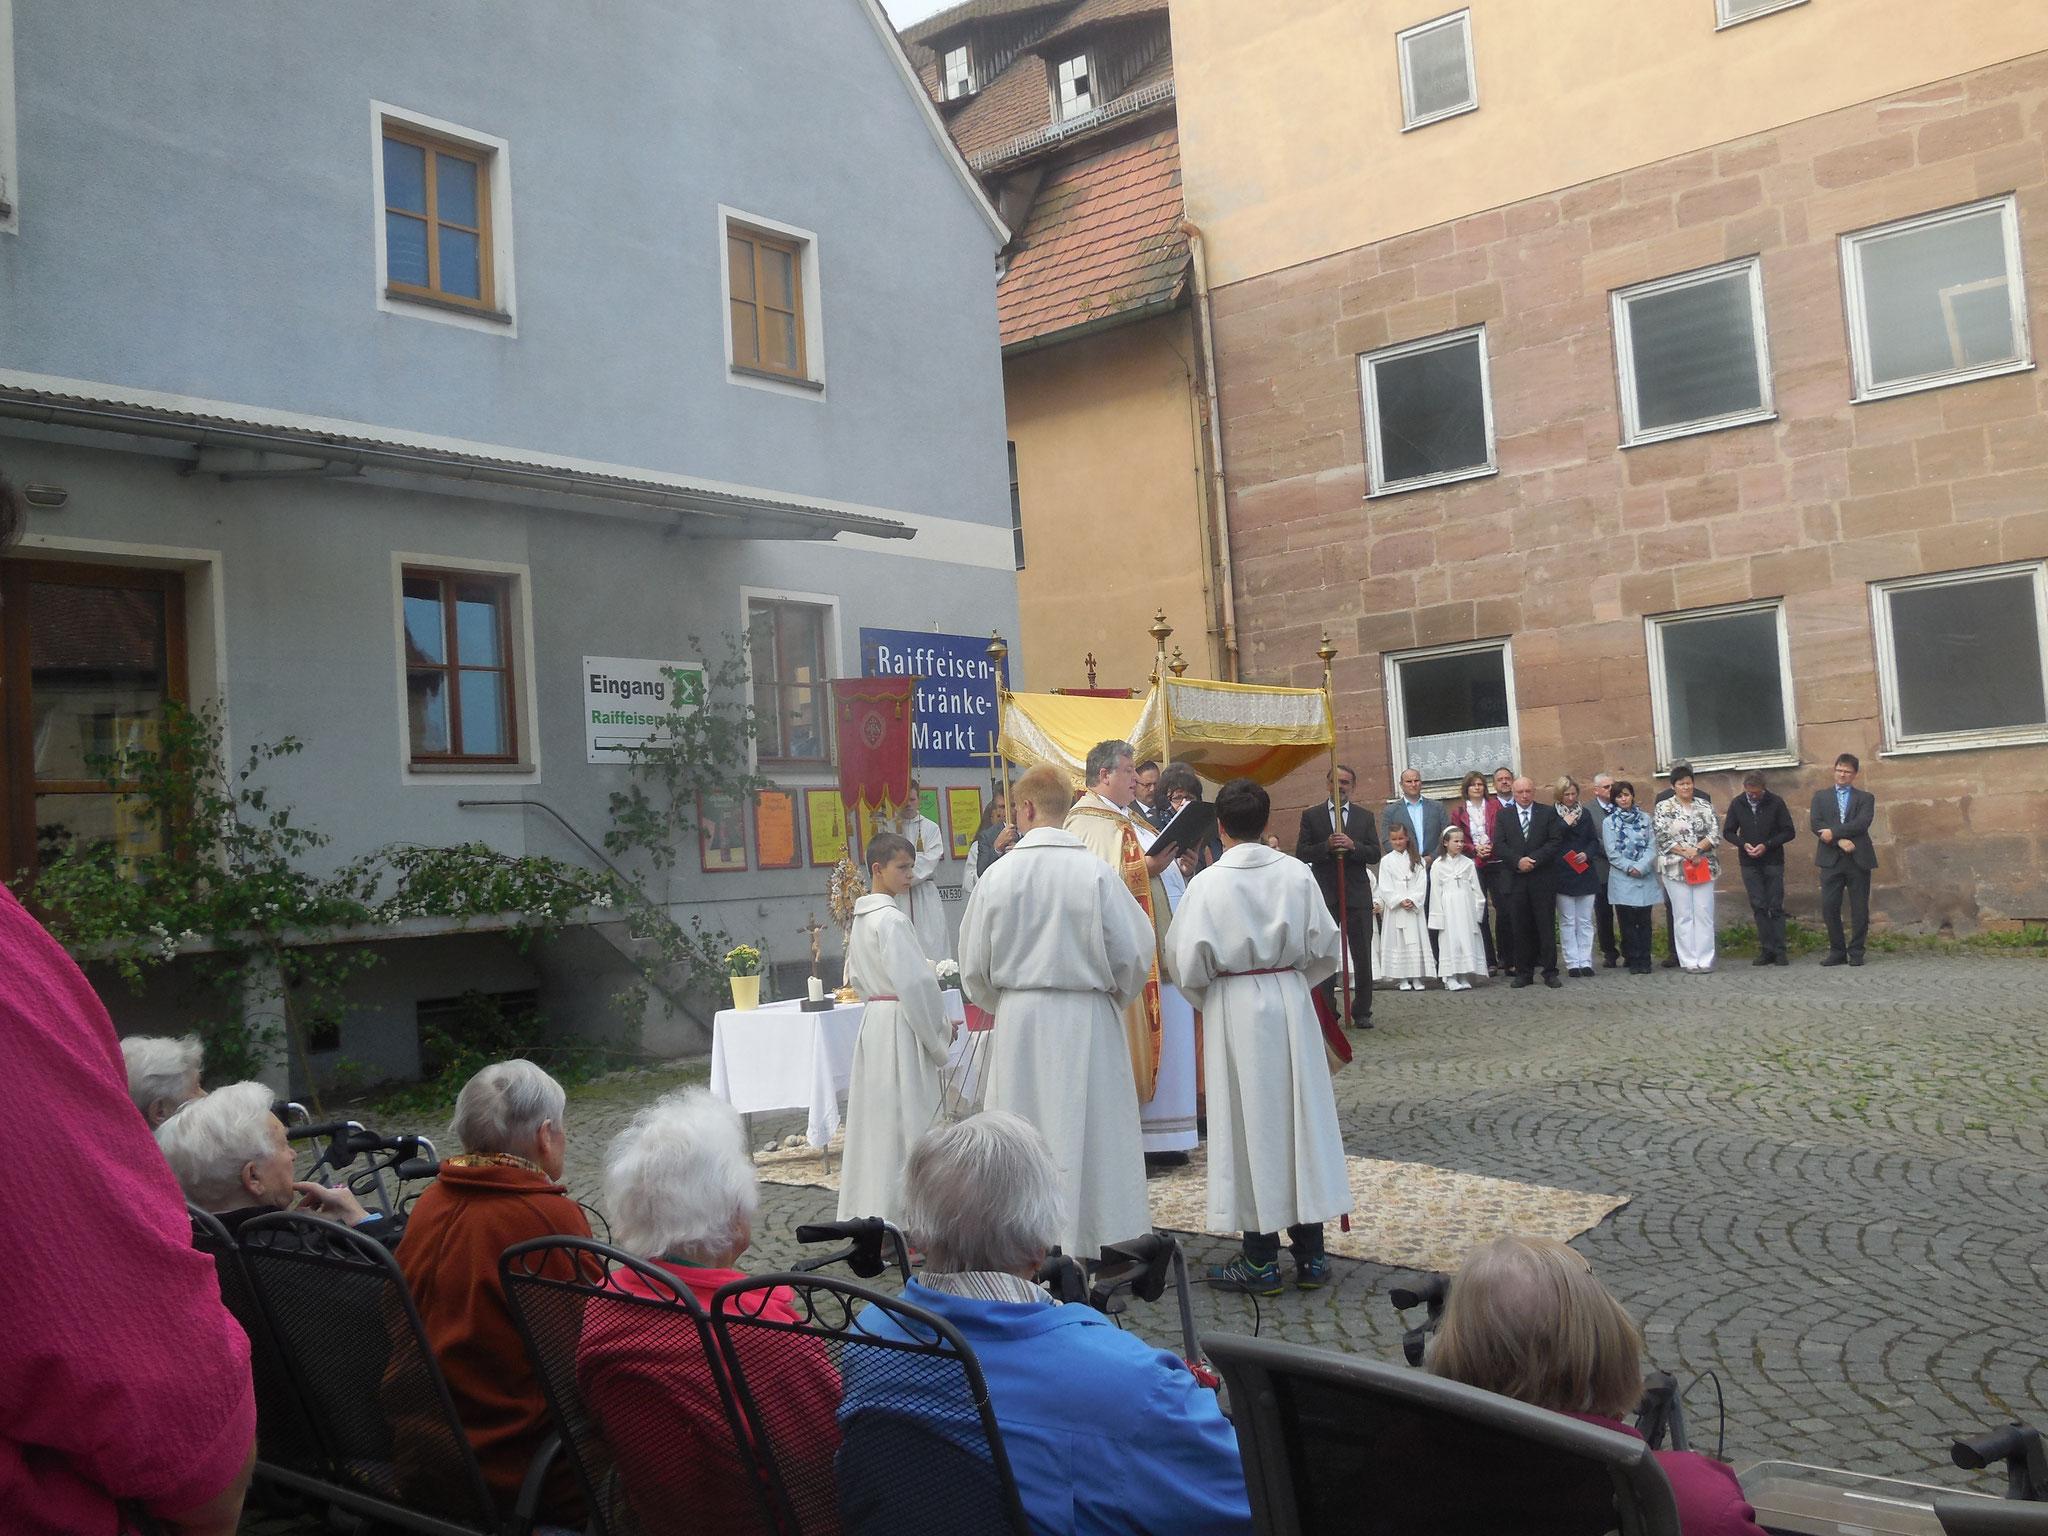 Fronleichnamsprozession in Spalt, Station am Caritas Seniorenheim St. Nikolaus